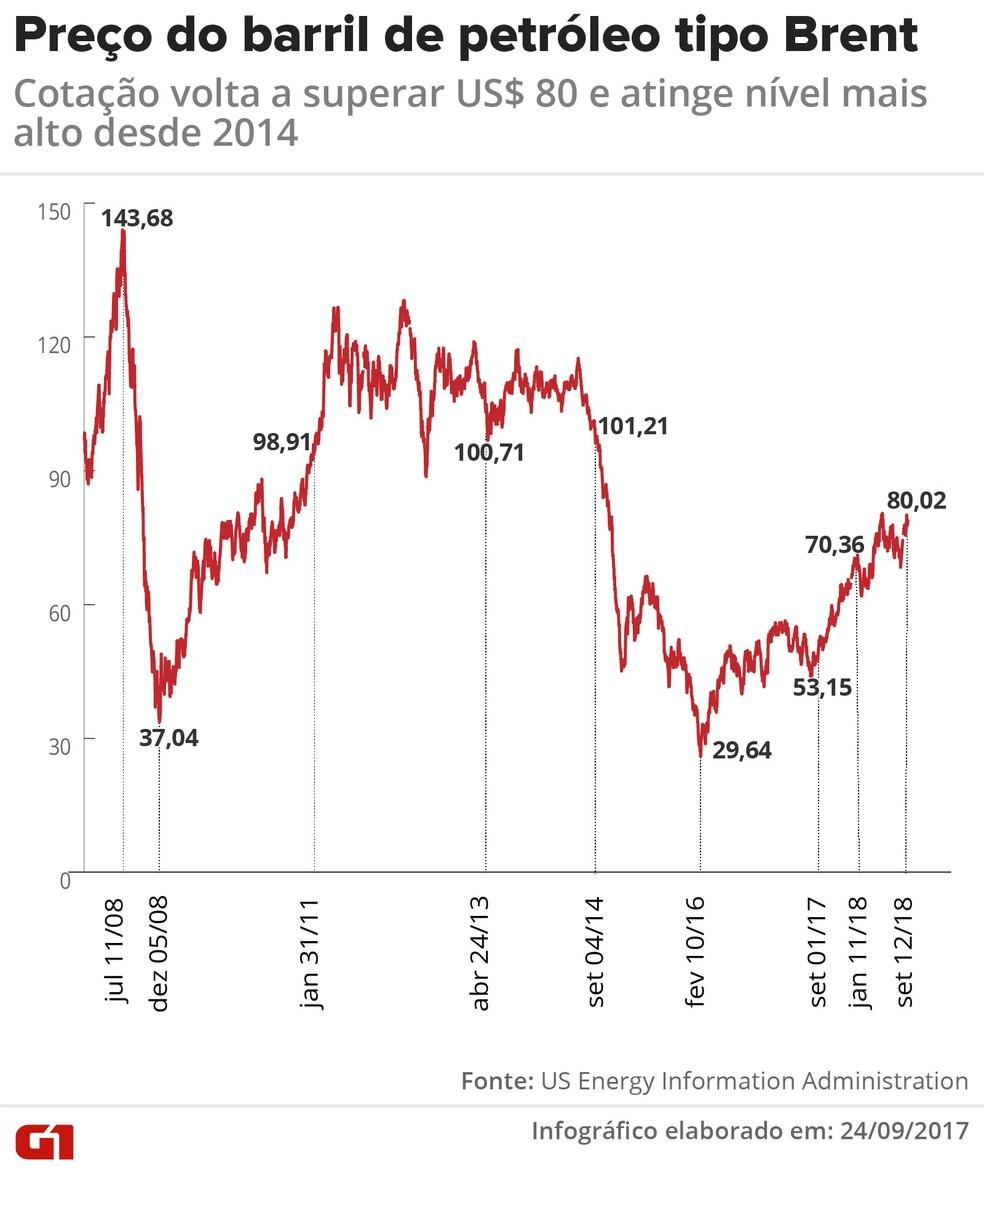 Preço do barril de petróleo tipo Brent — Foto: Karina Almeida/G1